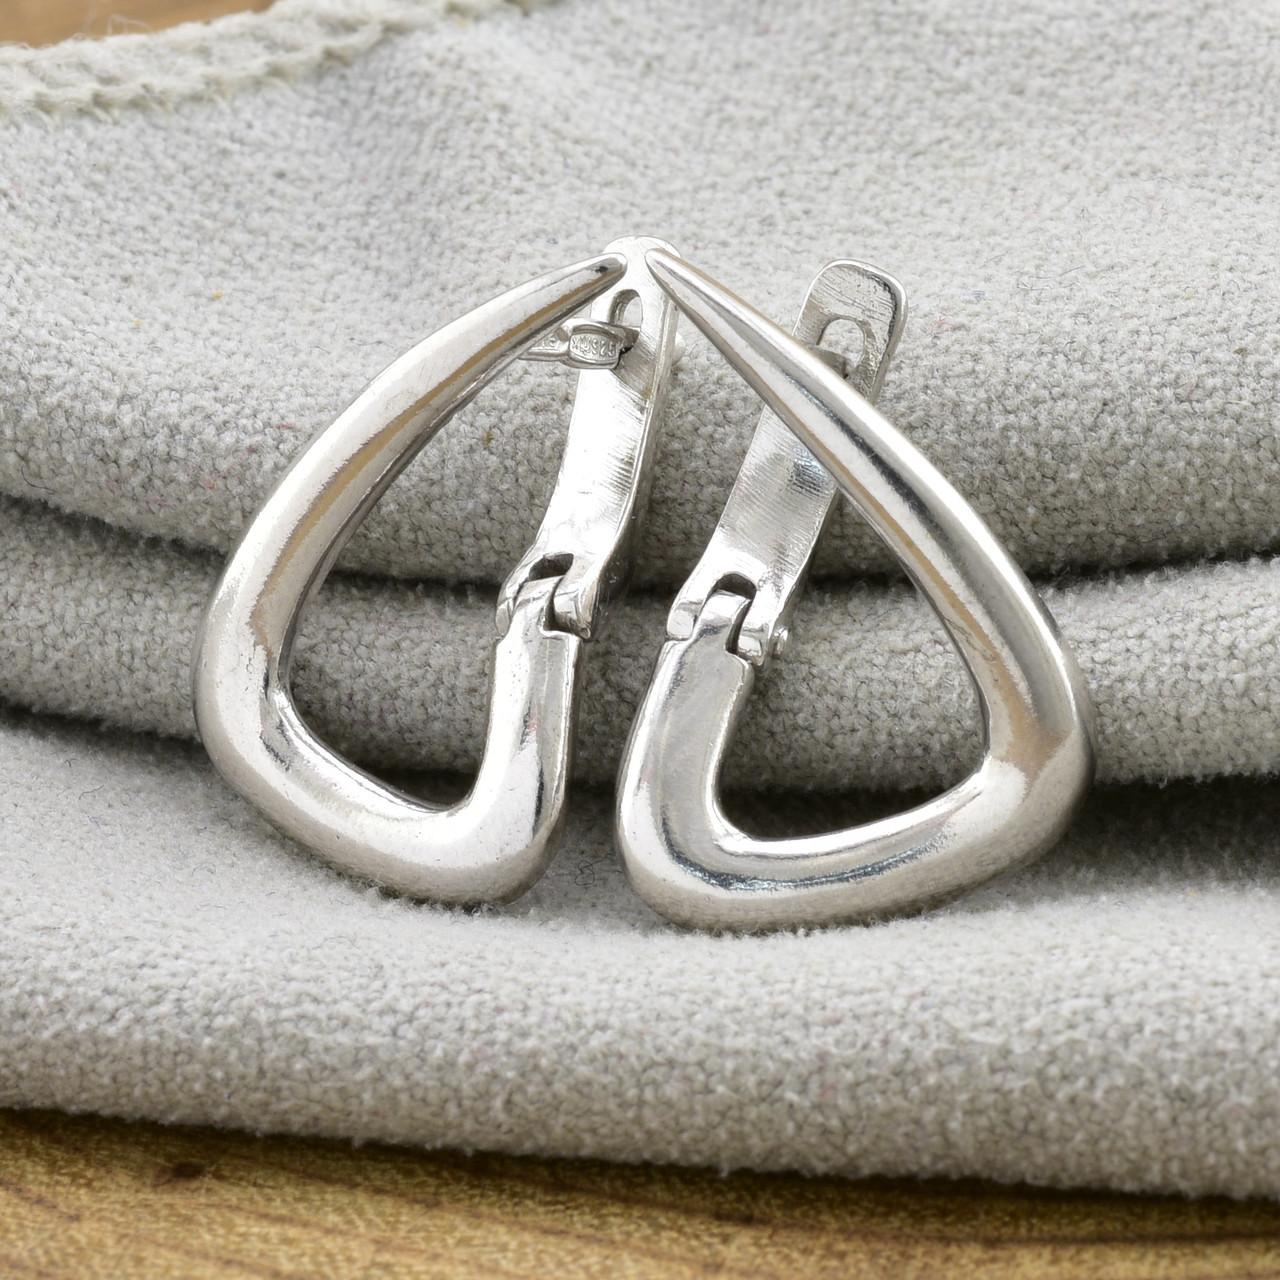 Серебряные серьги Елла размер 21х15 мм вес 3.22 г